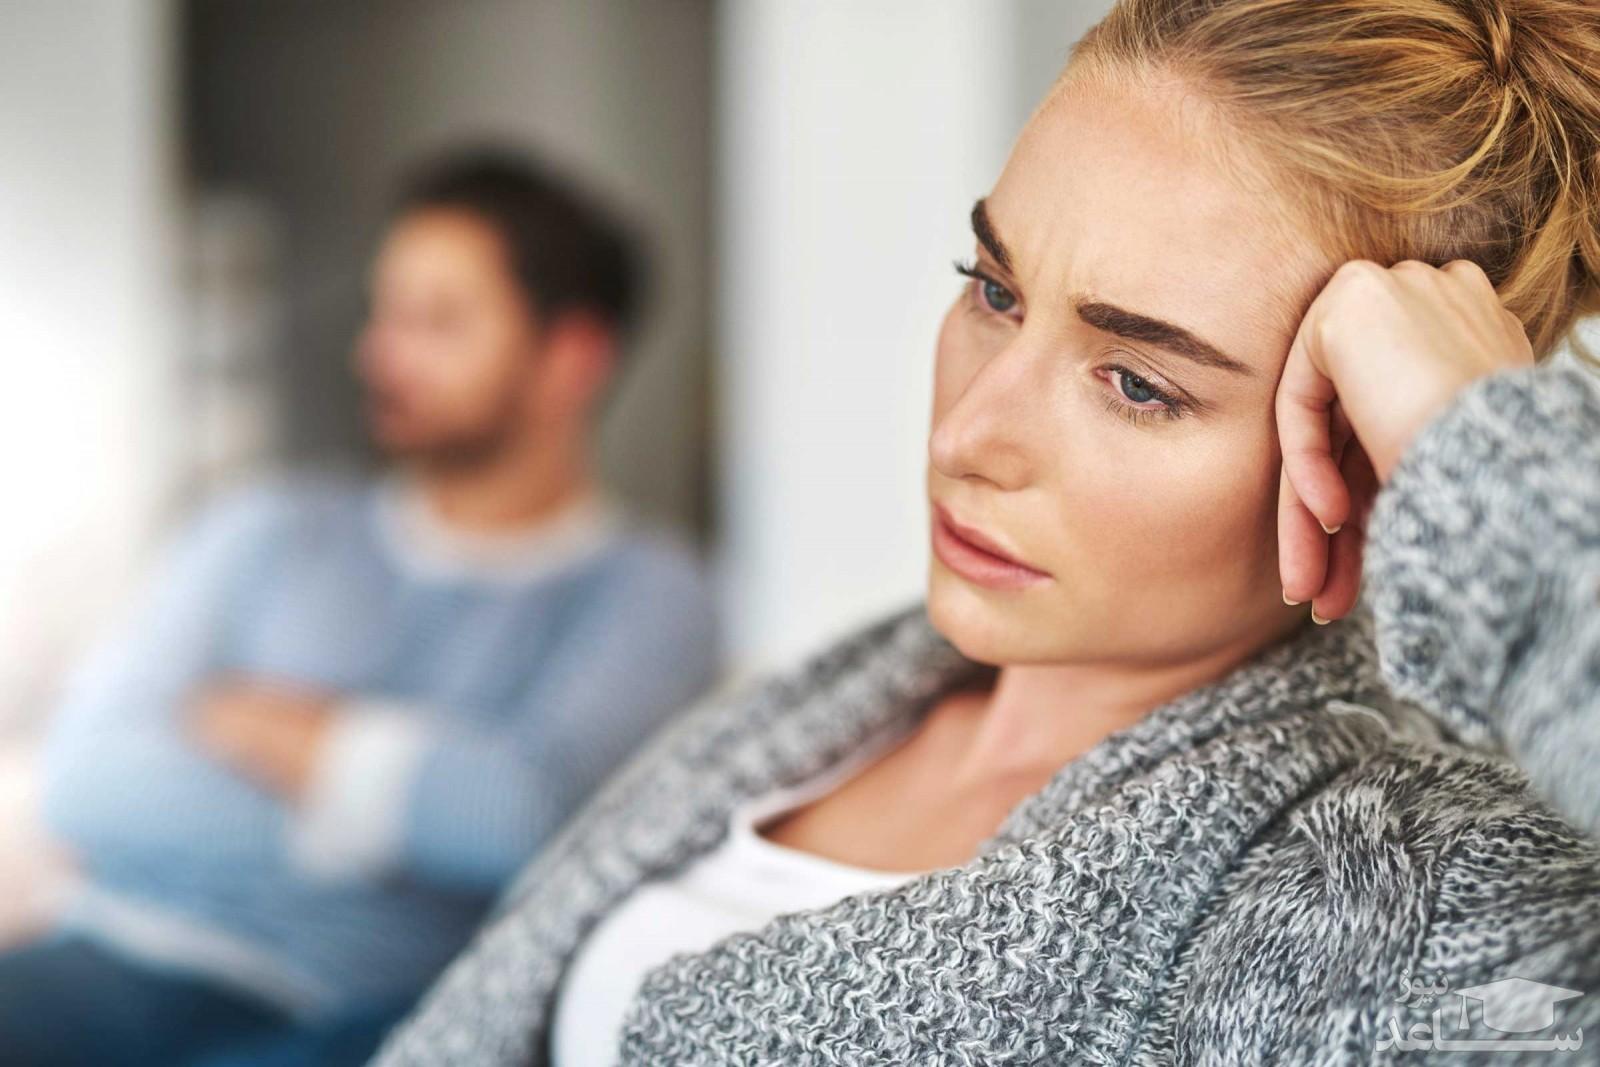 ۱۰ چیزی که در هیچ رابطه ای نباید تحمل کنید